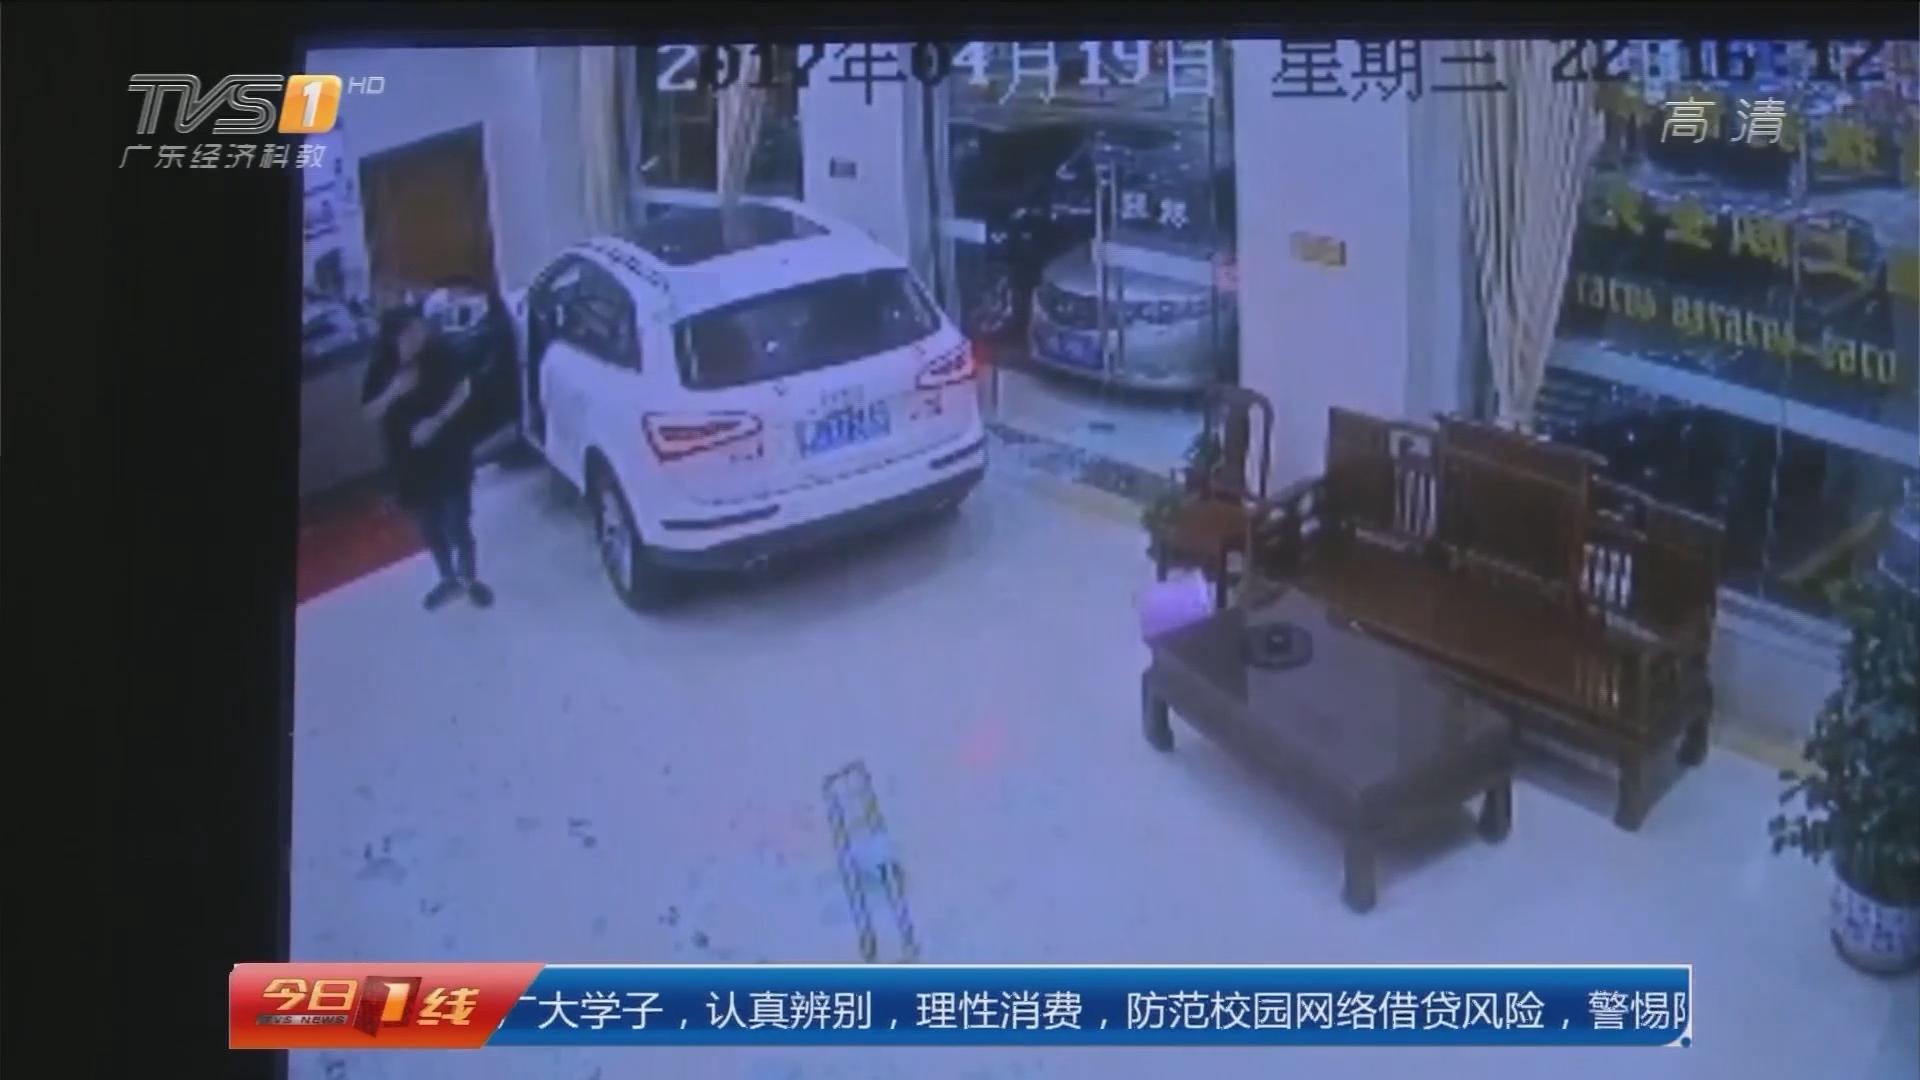 湛江徐闻:新手女司机油门当刹车 冲进宾馆大堂